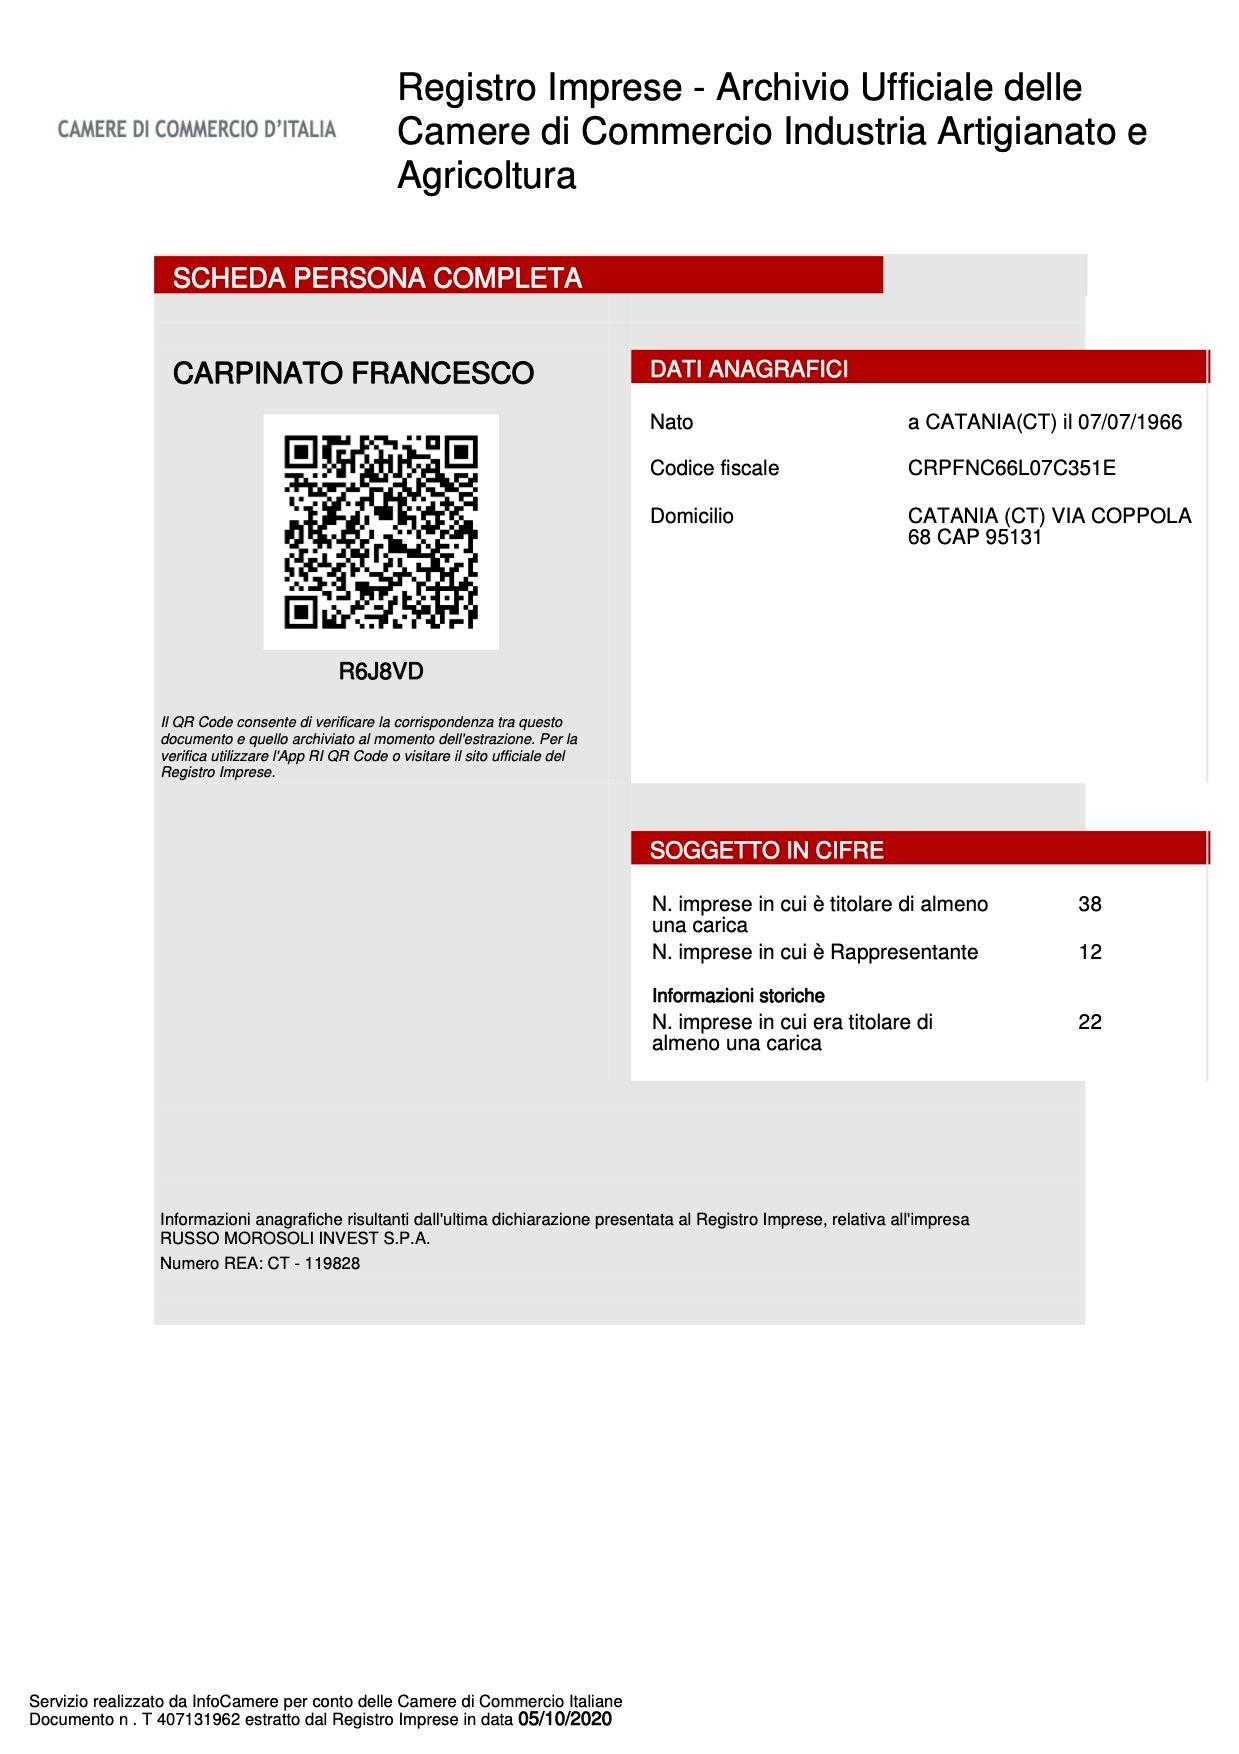 carpinatofrancesco1-1603423853.jpg